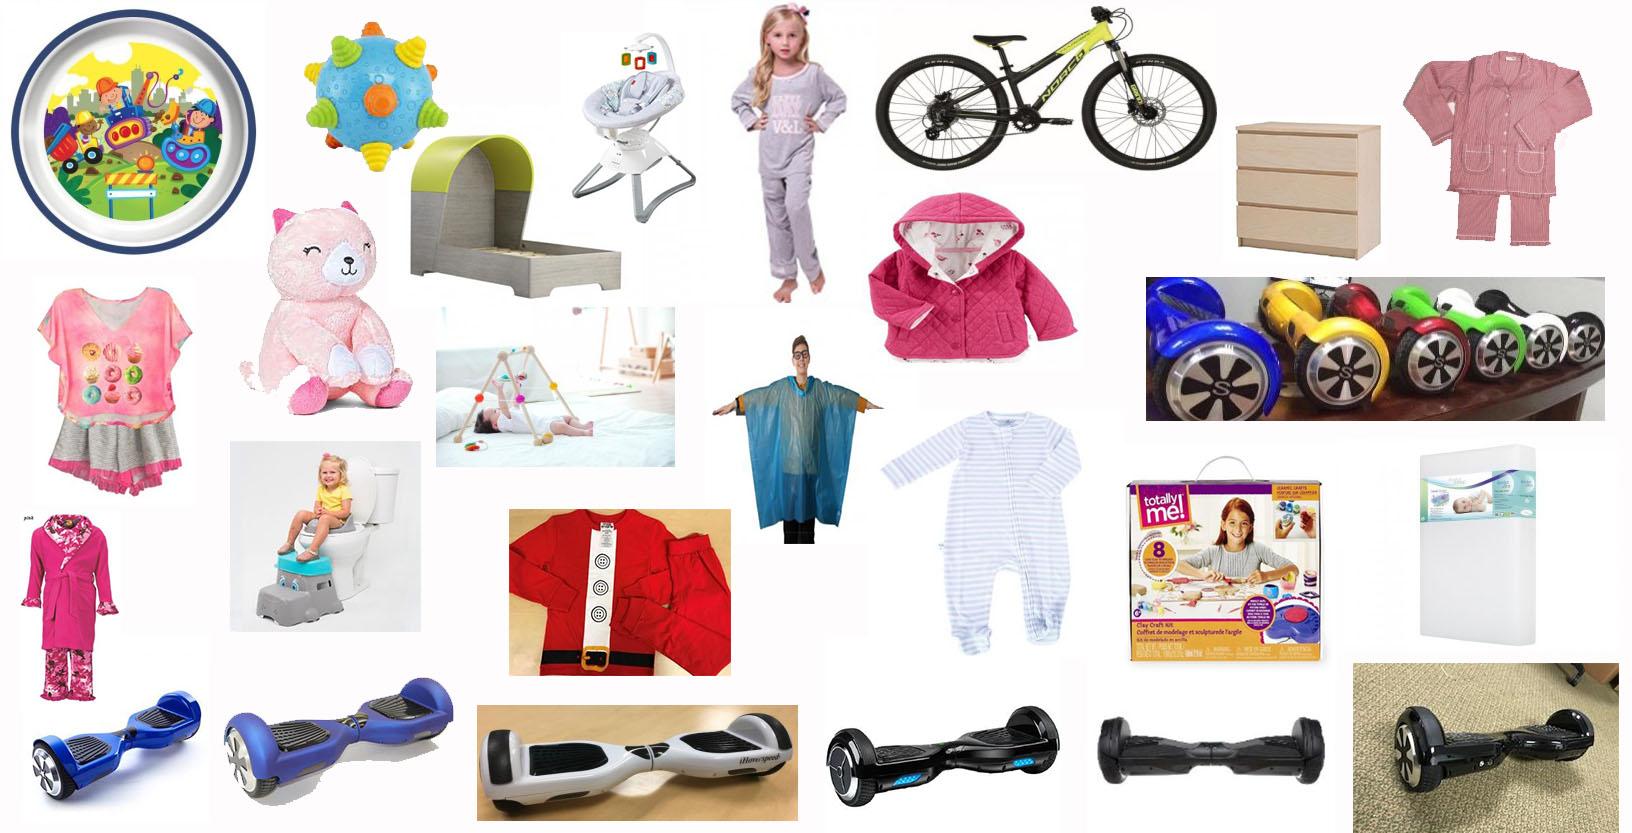 recalled items2_1516637944303.jpg.jpg